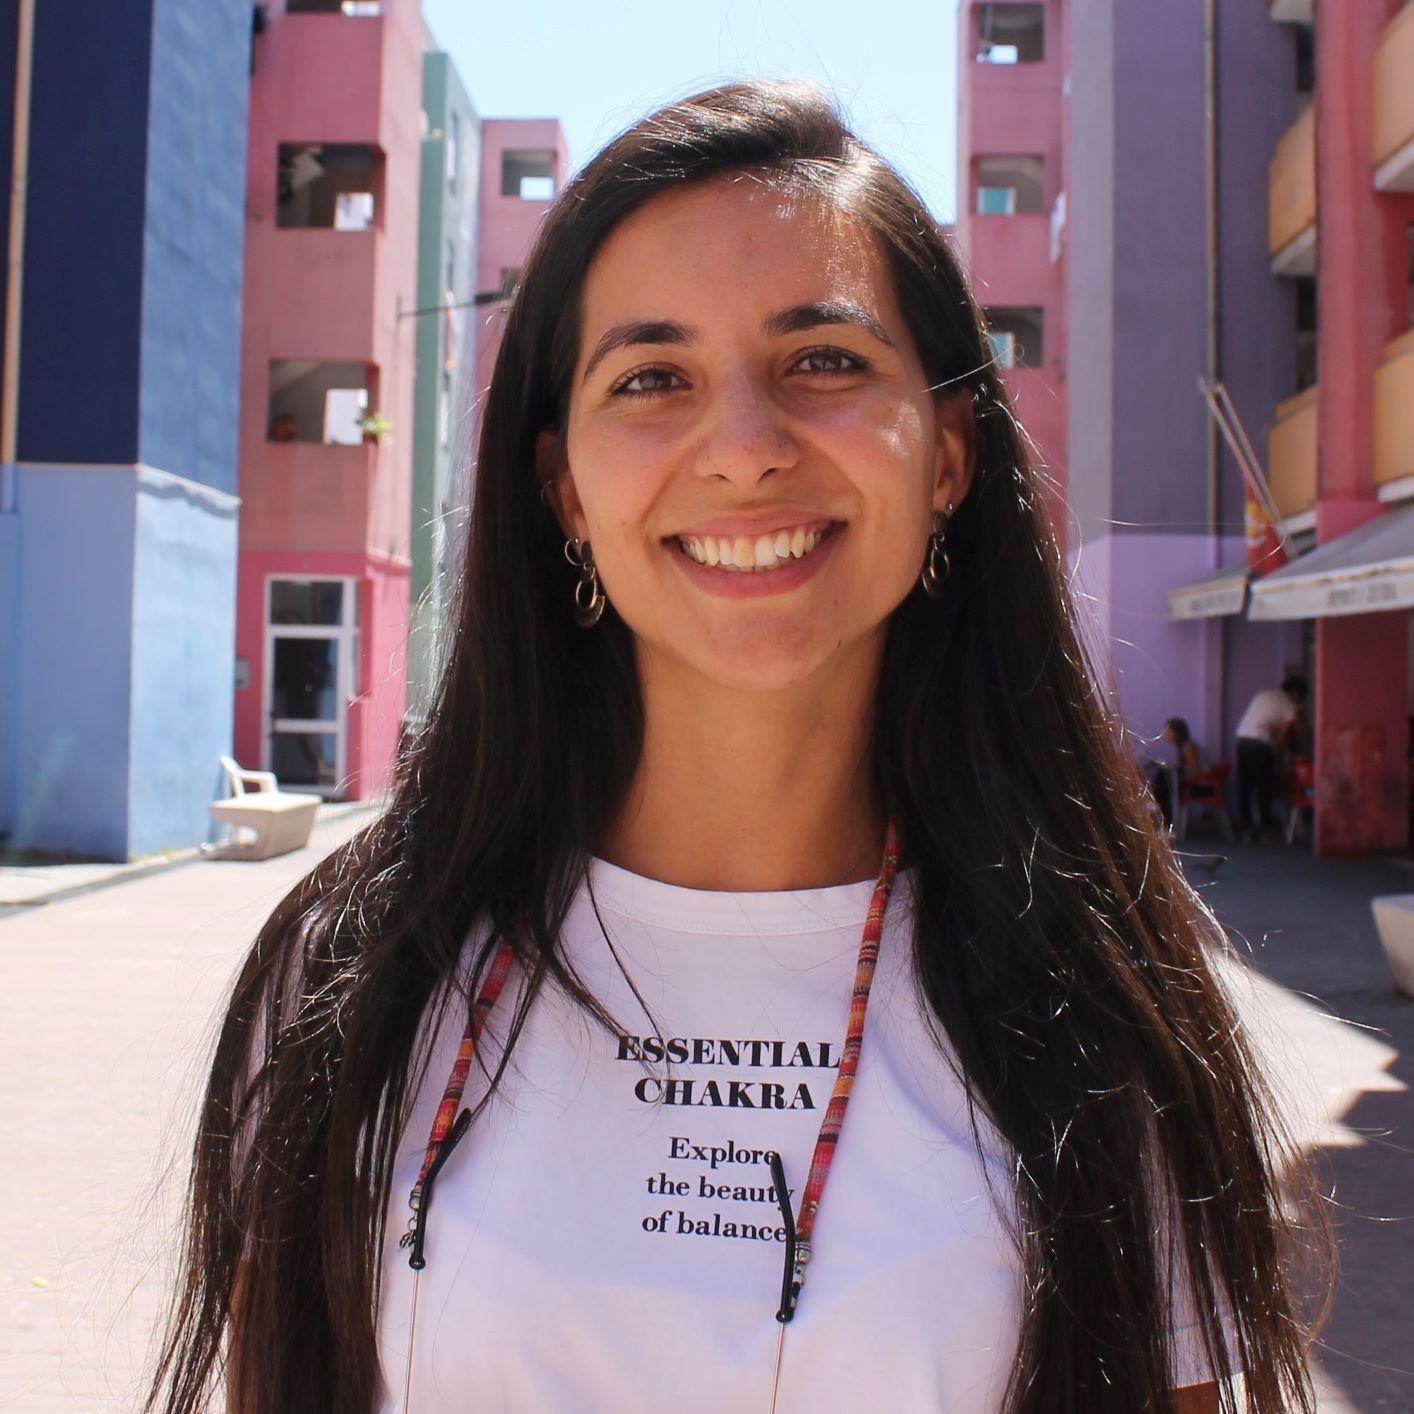 Rita Antunes